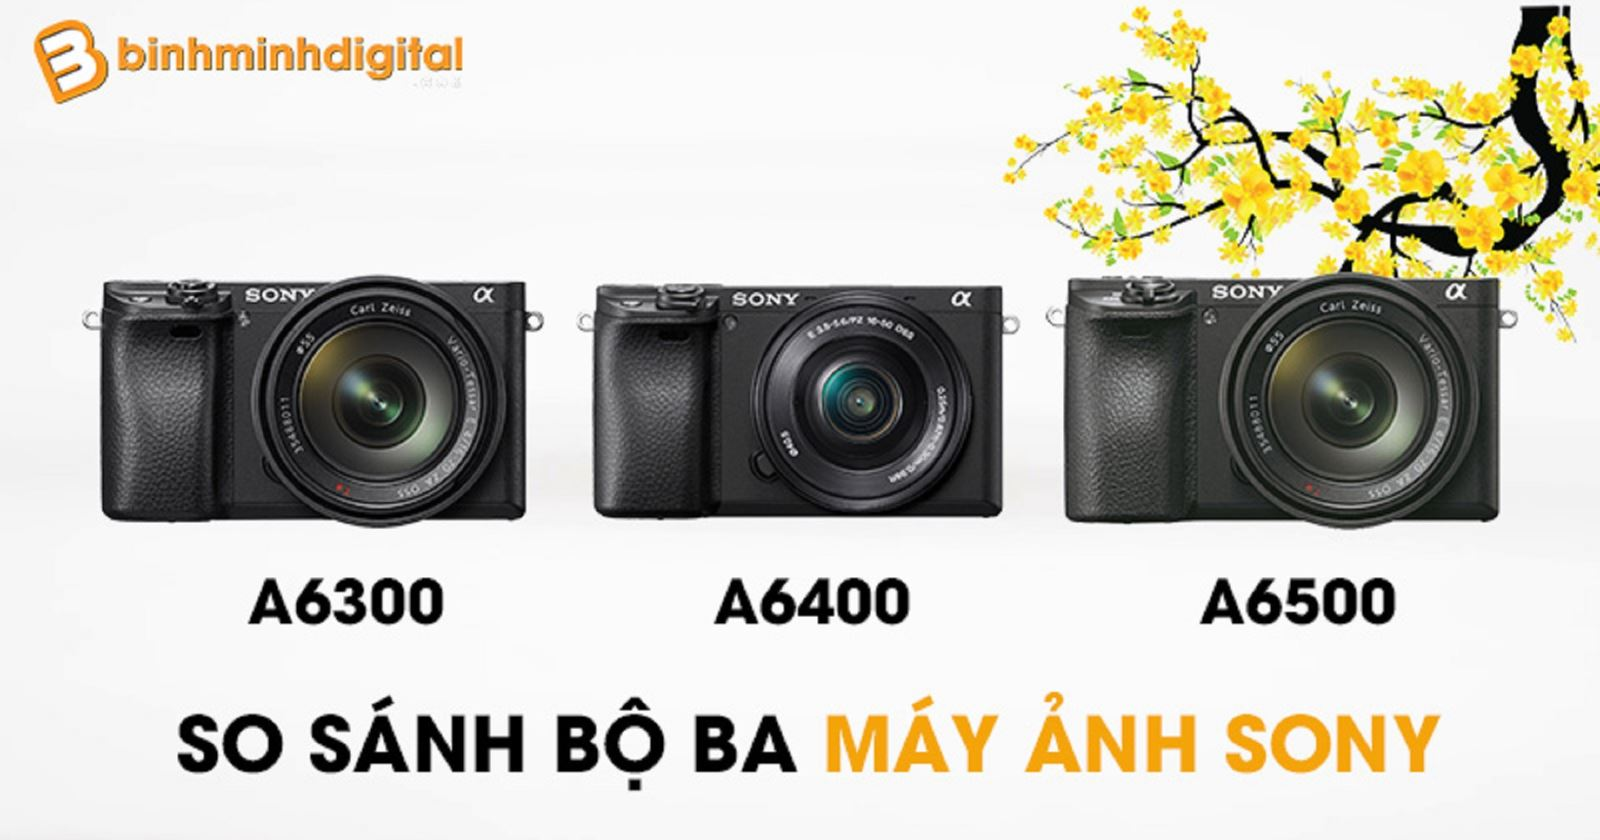 So sánh bộ bamáy ảnh Sony A6400 vs Sony A6300 vs Sony A6500